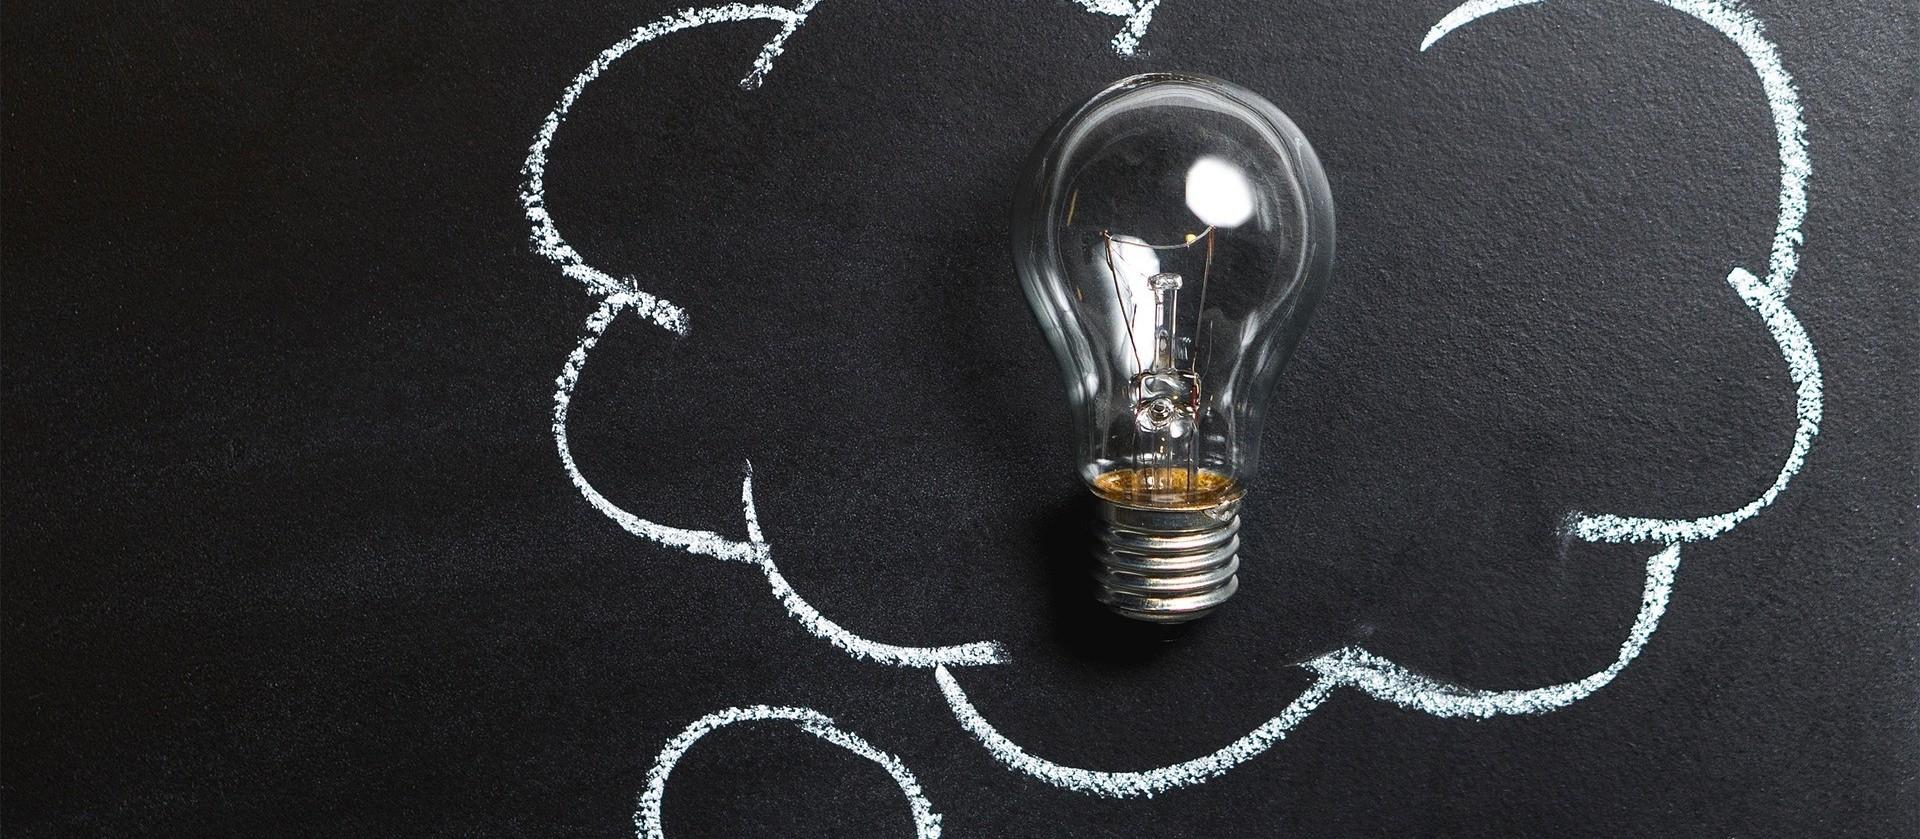 Seis dicas para estimular a criatividade